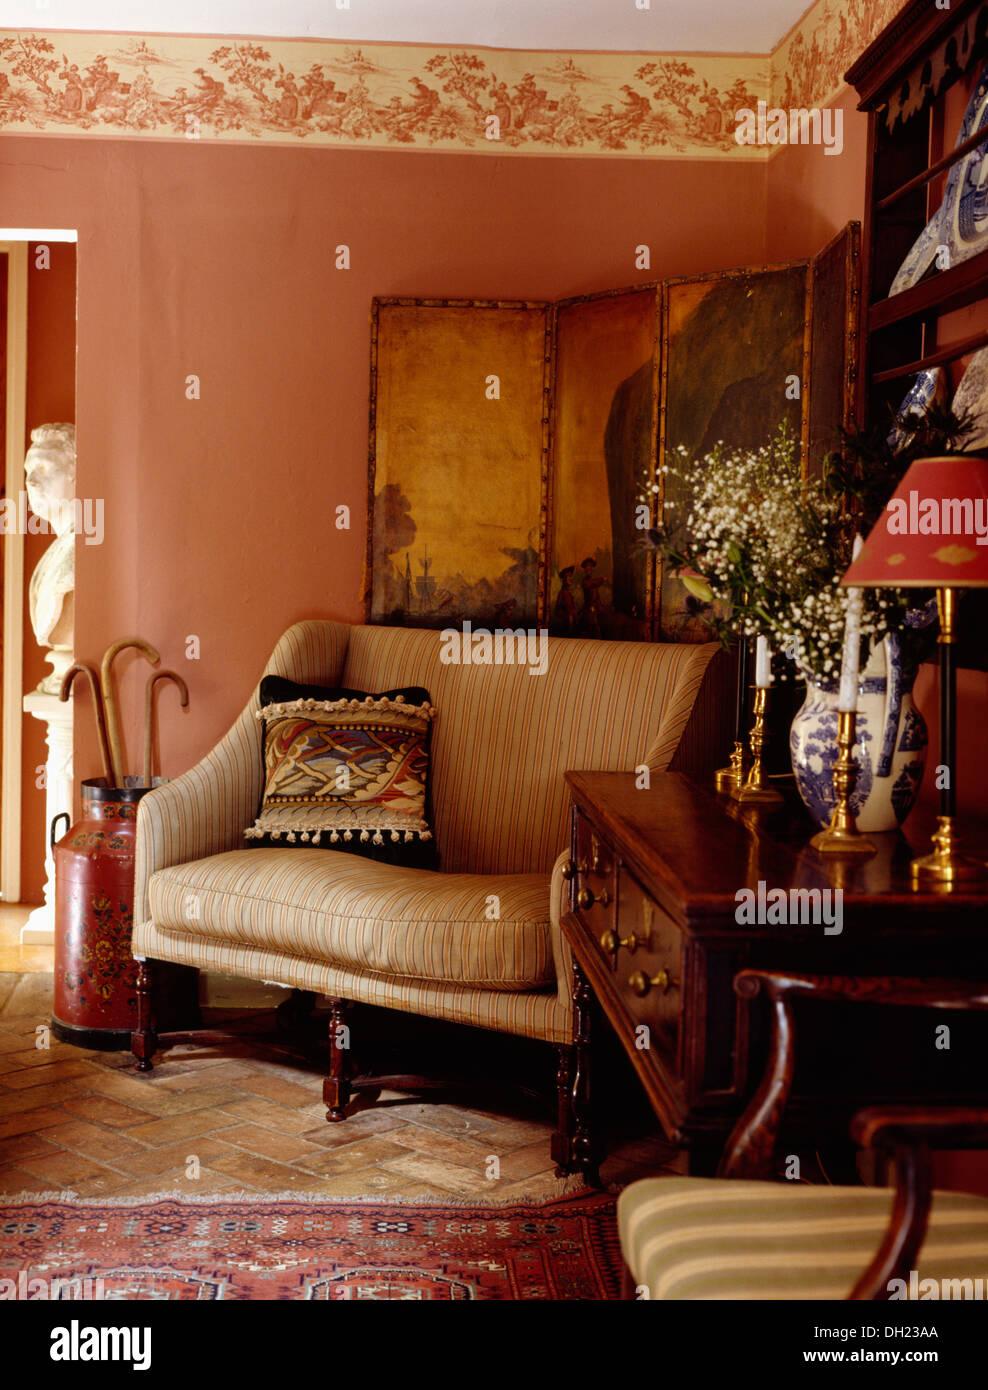 Hervorragend Creme Sofa Vor Antike Bemalte Leinwand In Rosa Hütte Wohnzimmer Mit  Wand Fries Und Antike Kommode